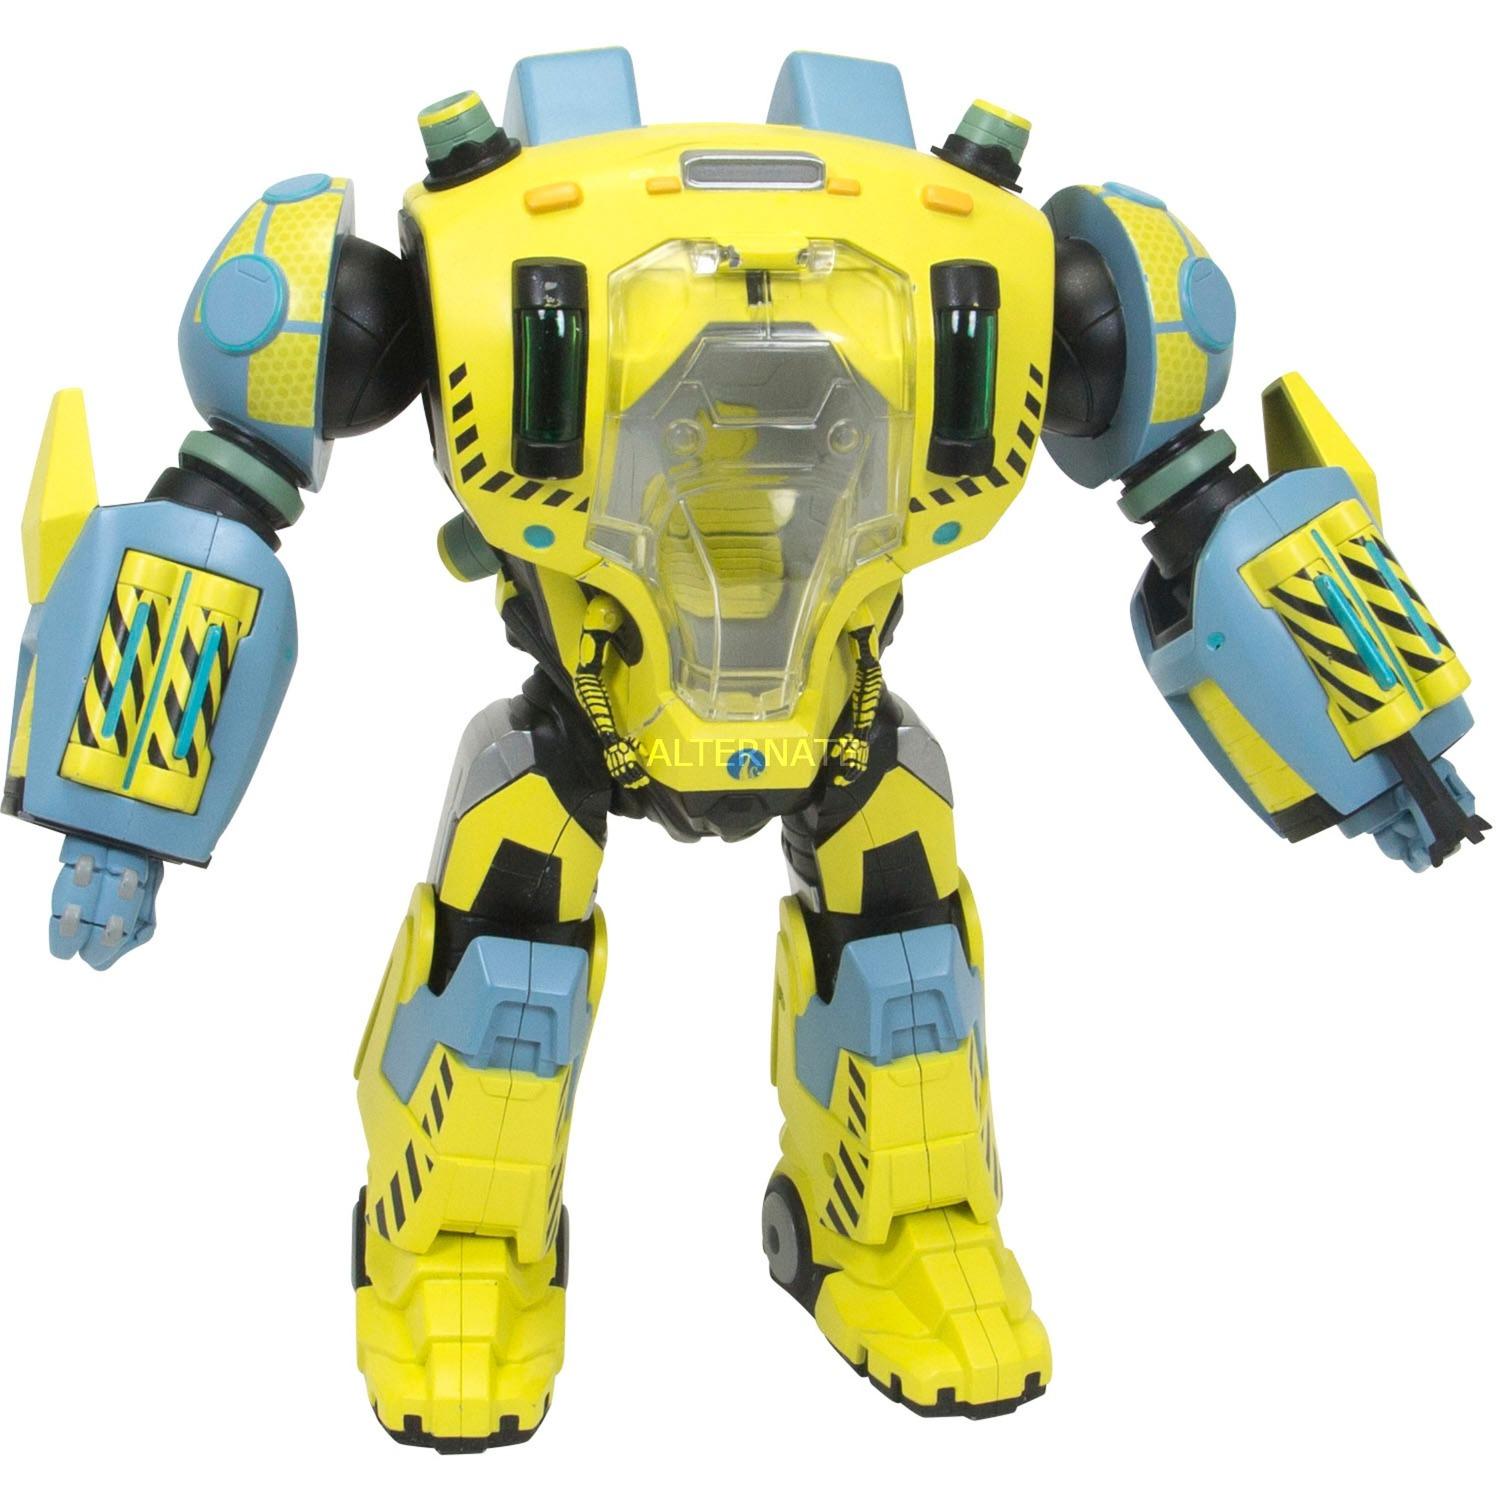 109391006 figura de juguete para niños Azul, Amarillo Niño 1 pieza(s), Muñecos